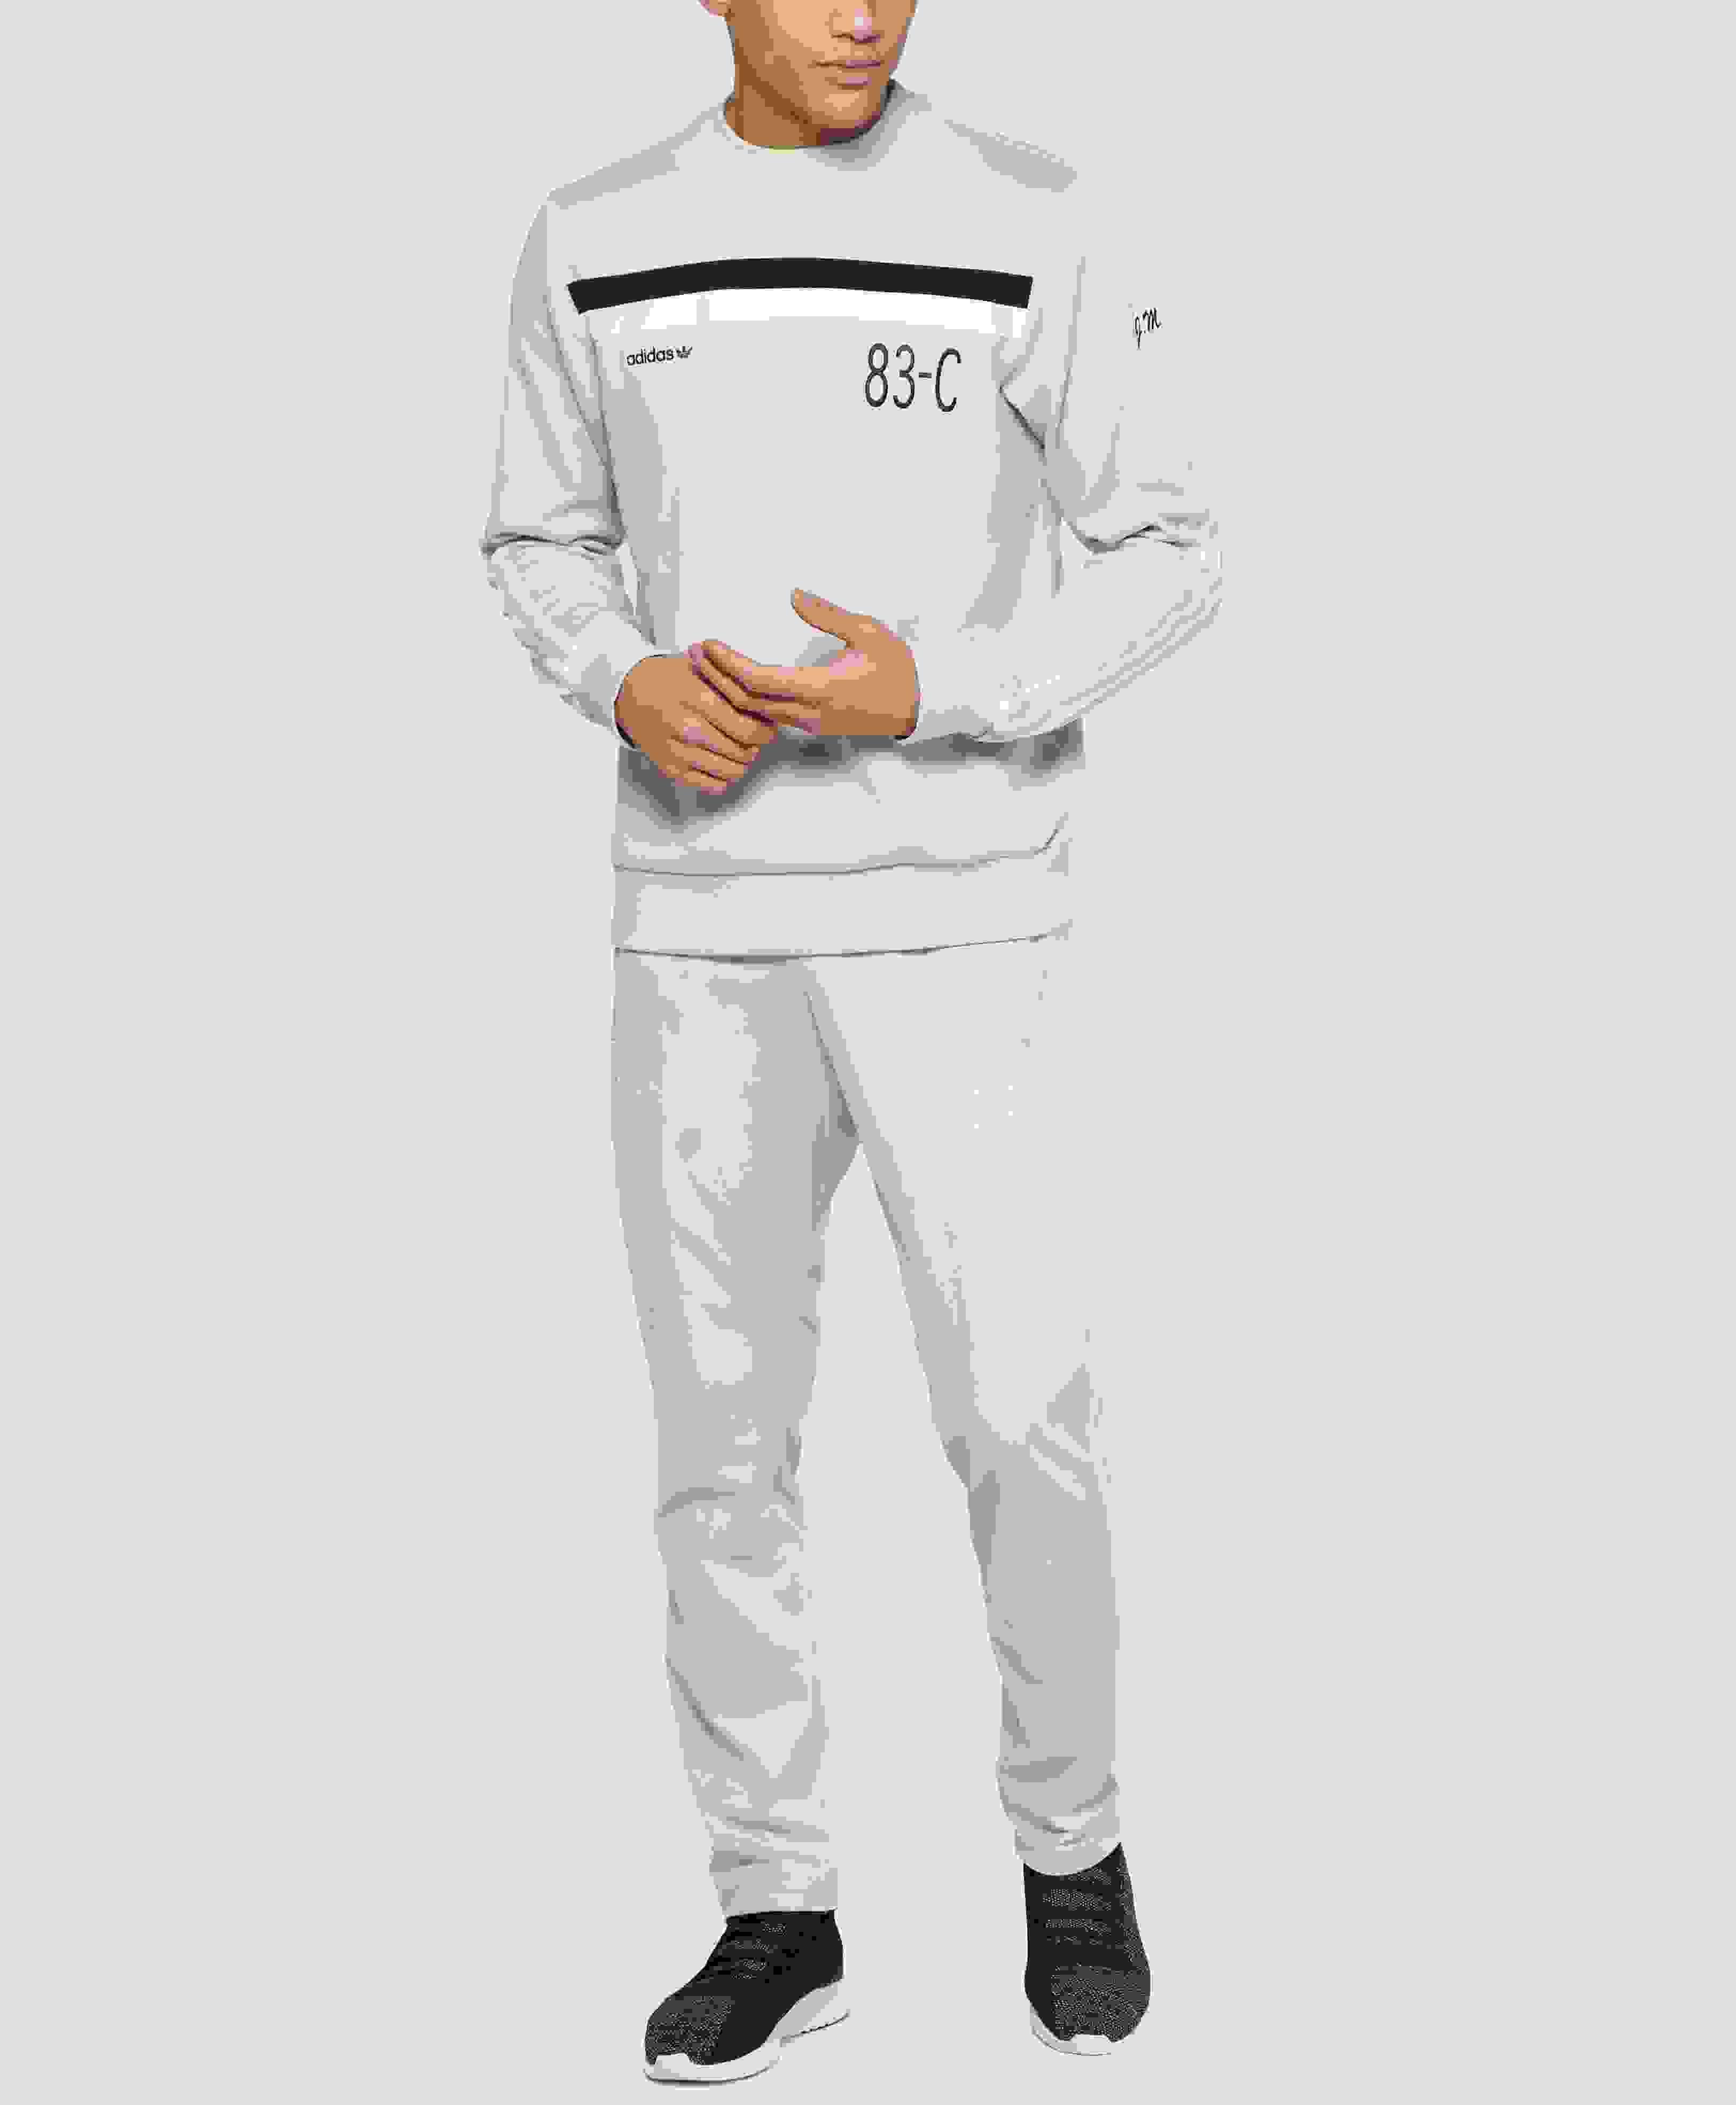 adidas 83 c. adidas originals 83-c track pants 83 c